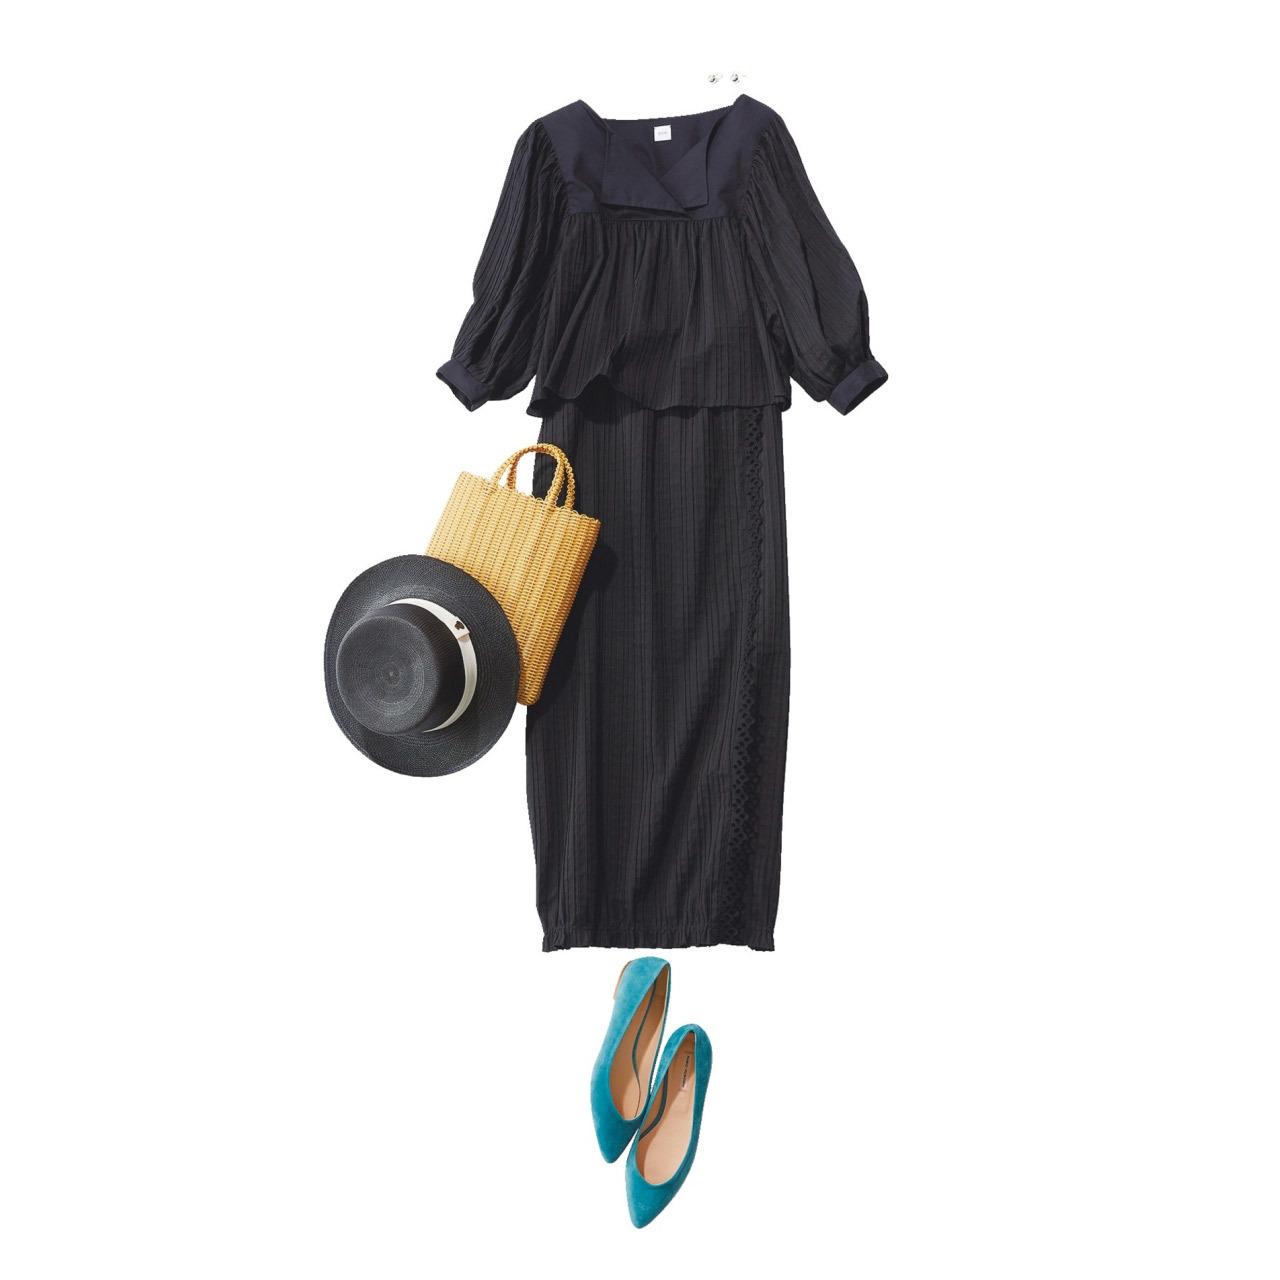 ■黒のふんわりブラウス×黒の細身スカートのセットアップコーデ